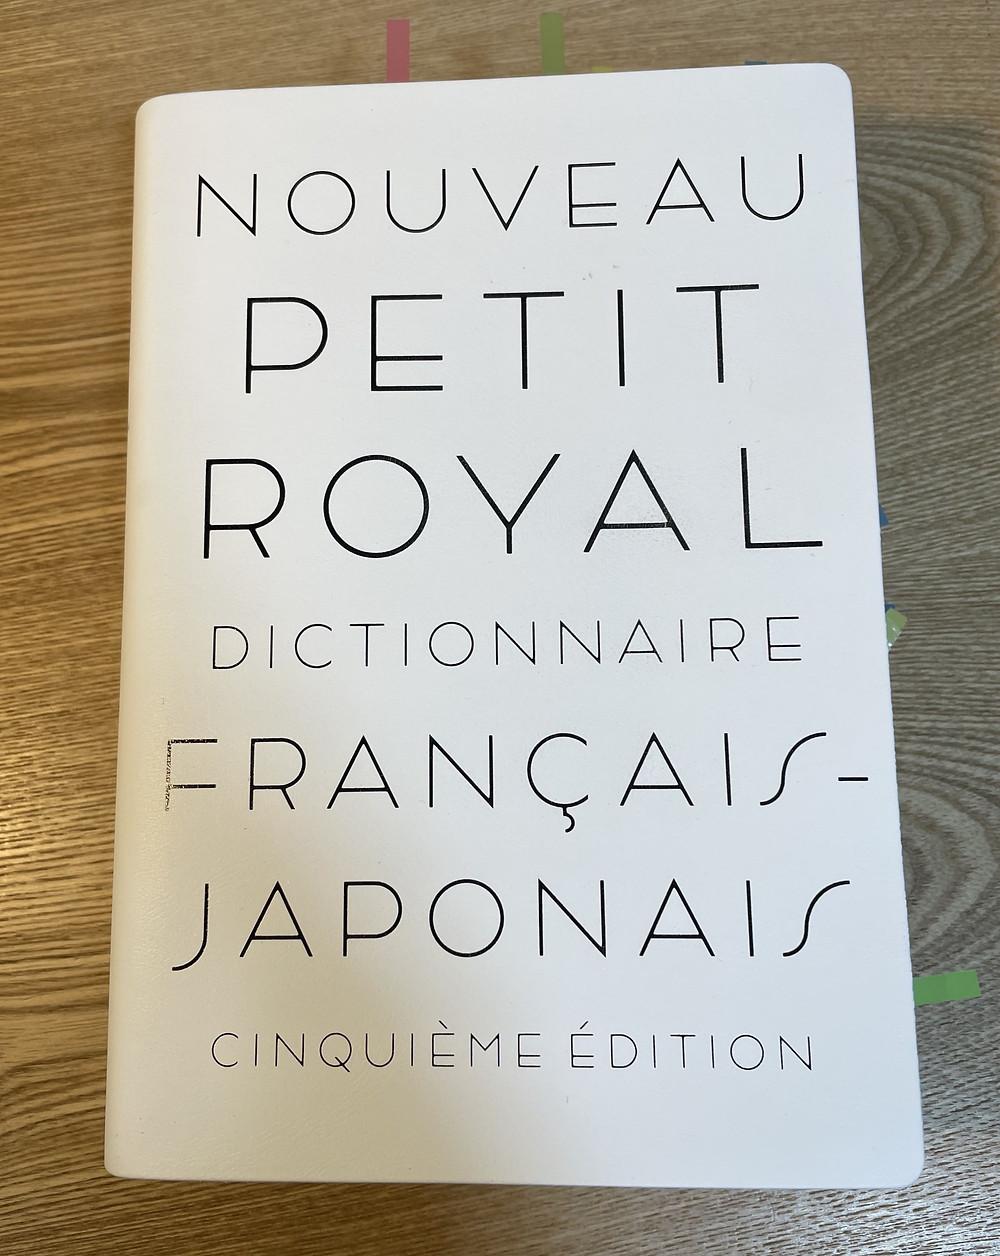 プチ・ロワイヤル仏和辞典の最新版です